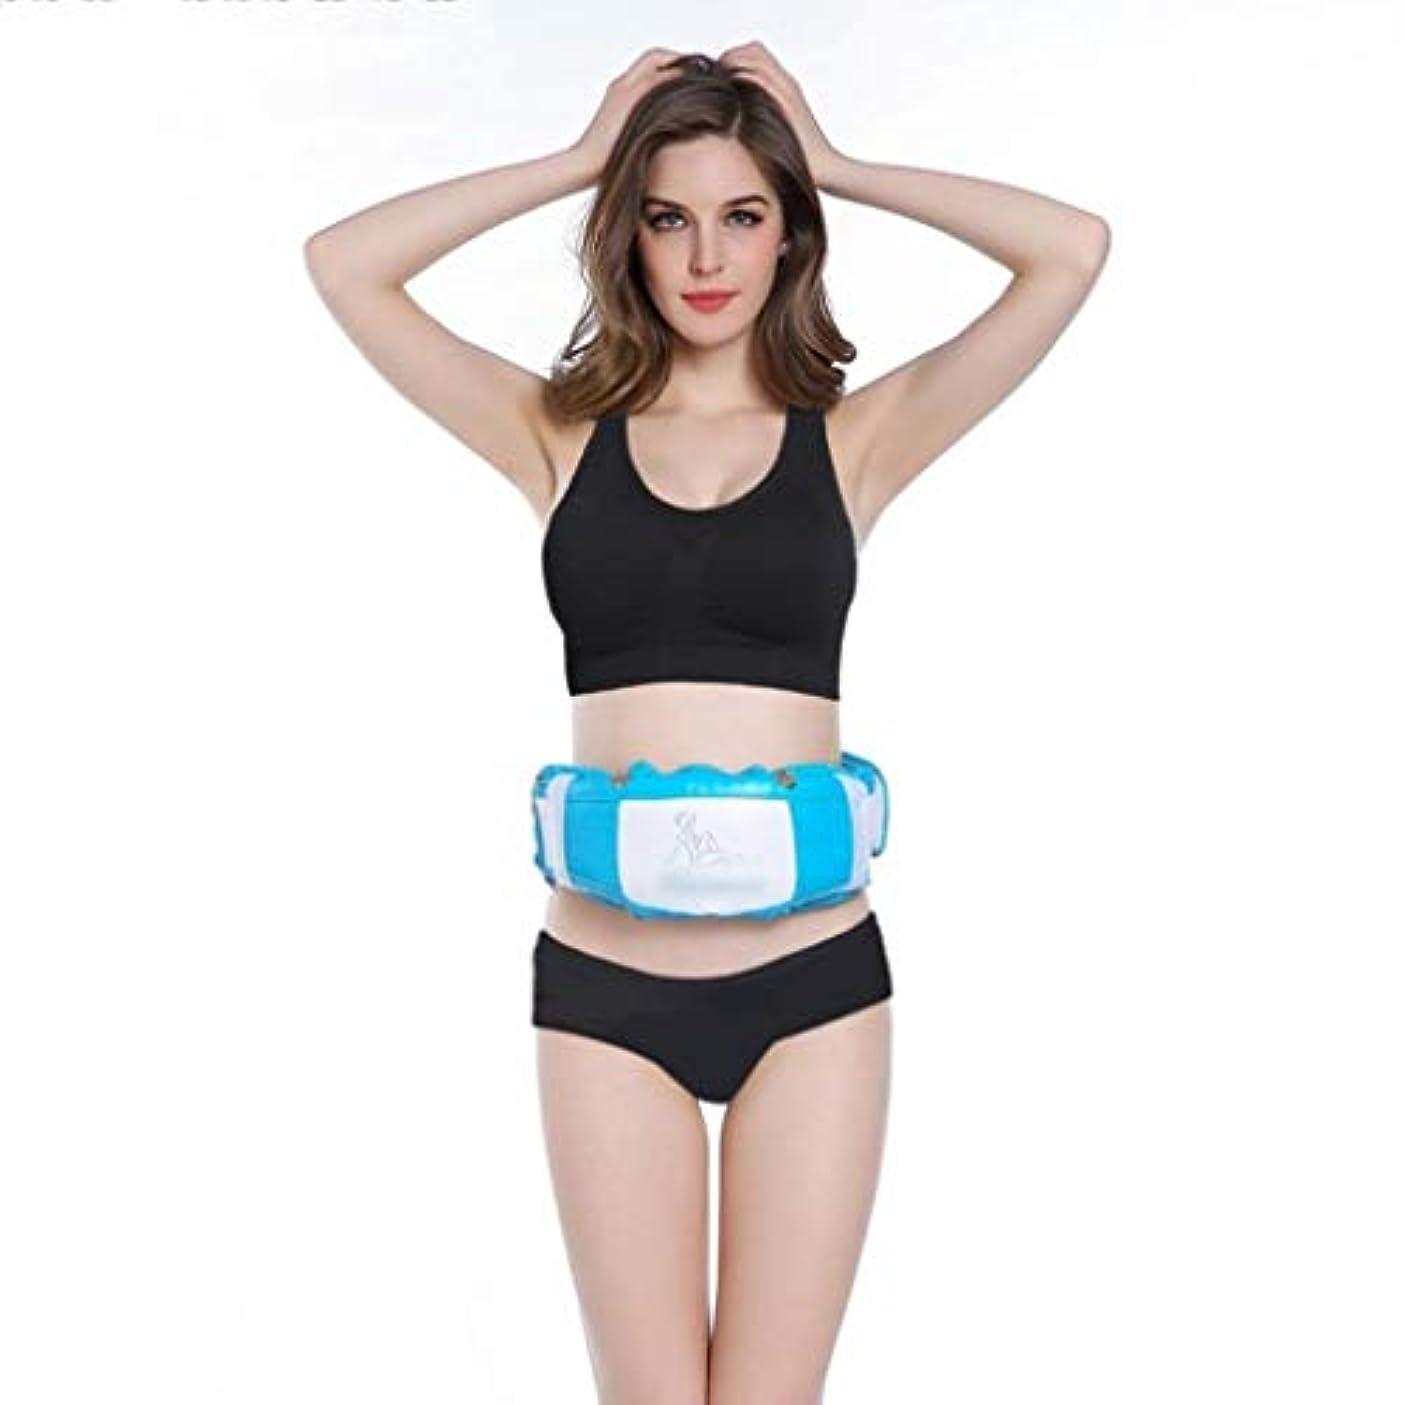 ケージ代表する毎年体形Slim身ベルト、Slim身マシン、スポーツSlim身機器、細いウエストと細い腹、調整可能なフィットネスウエスト振動ベルト、男性と女性の減量機